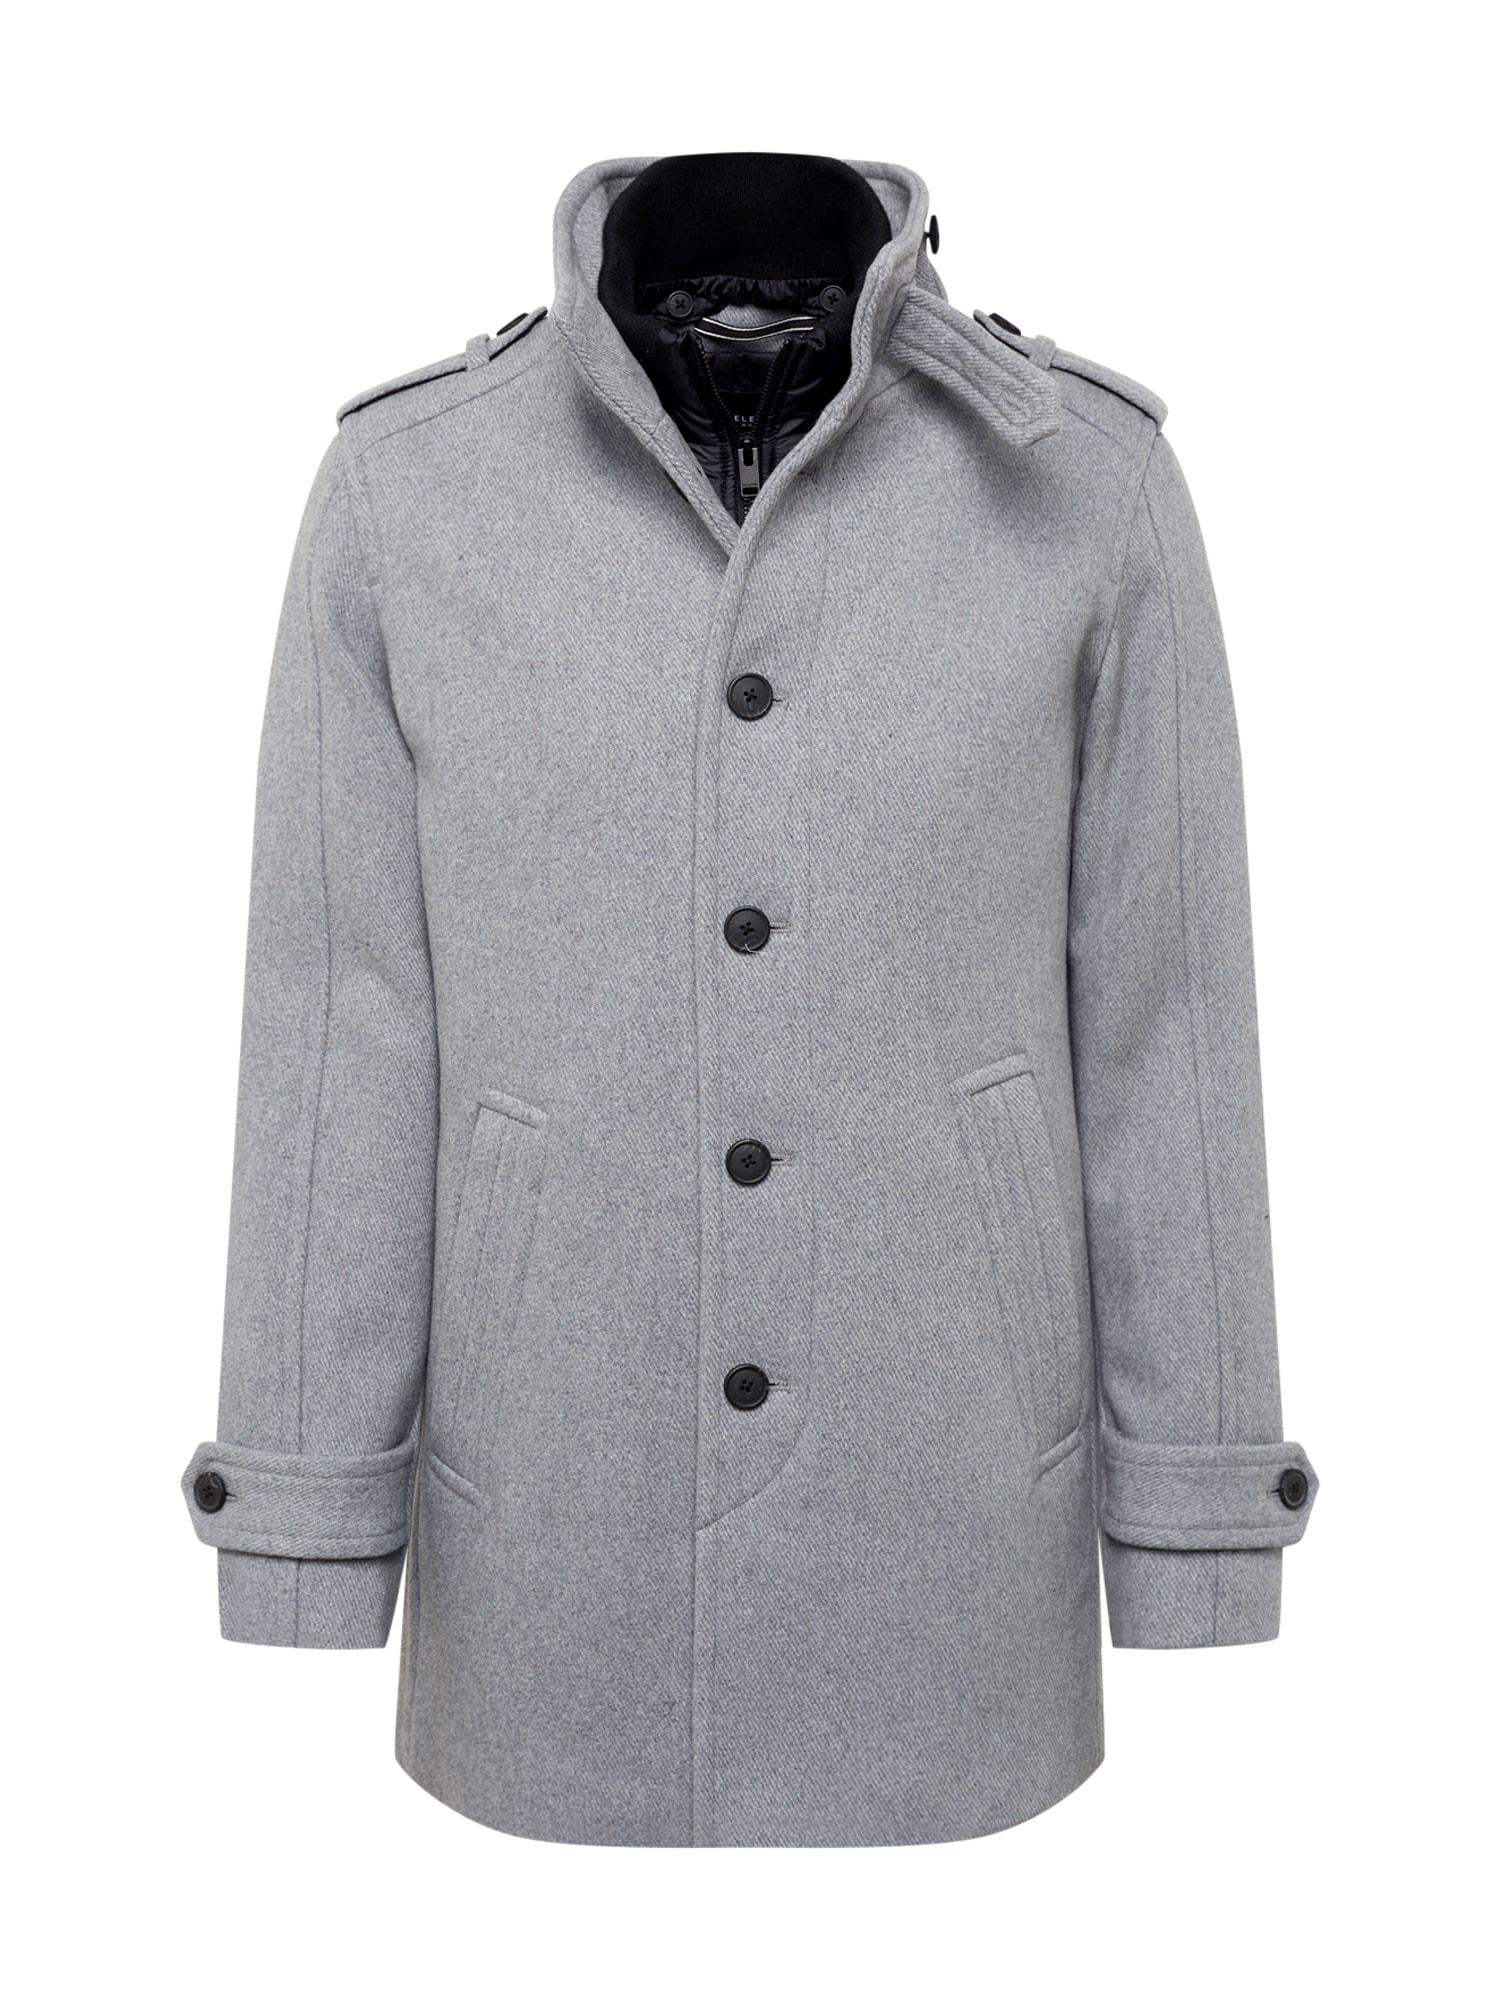 SELECTED HOMME Rudeninis-žieminis paltas margai pilka